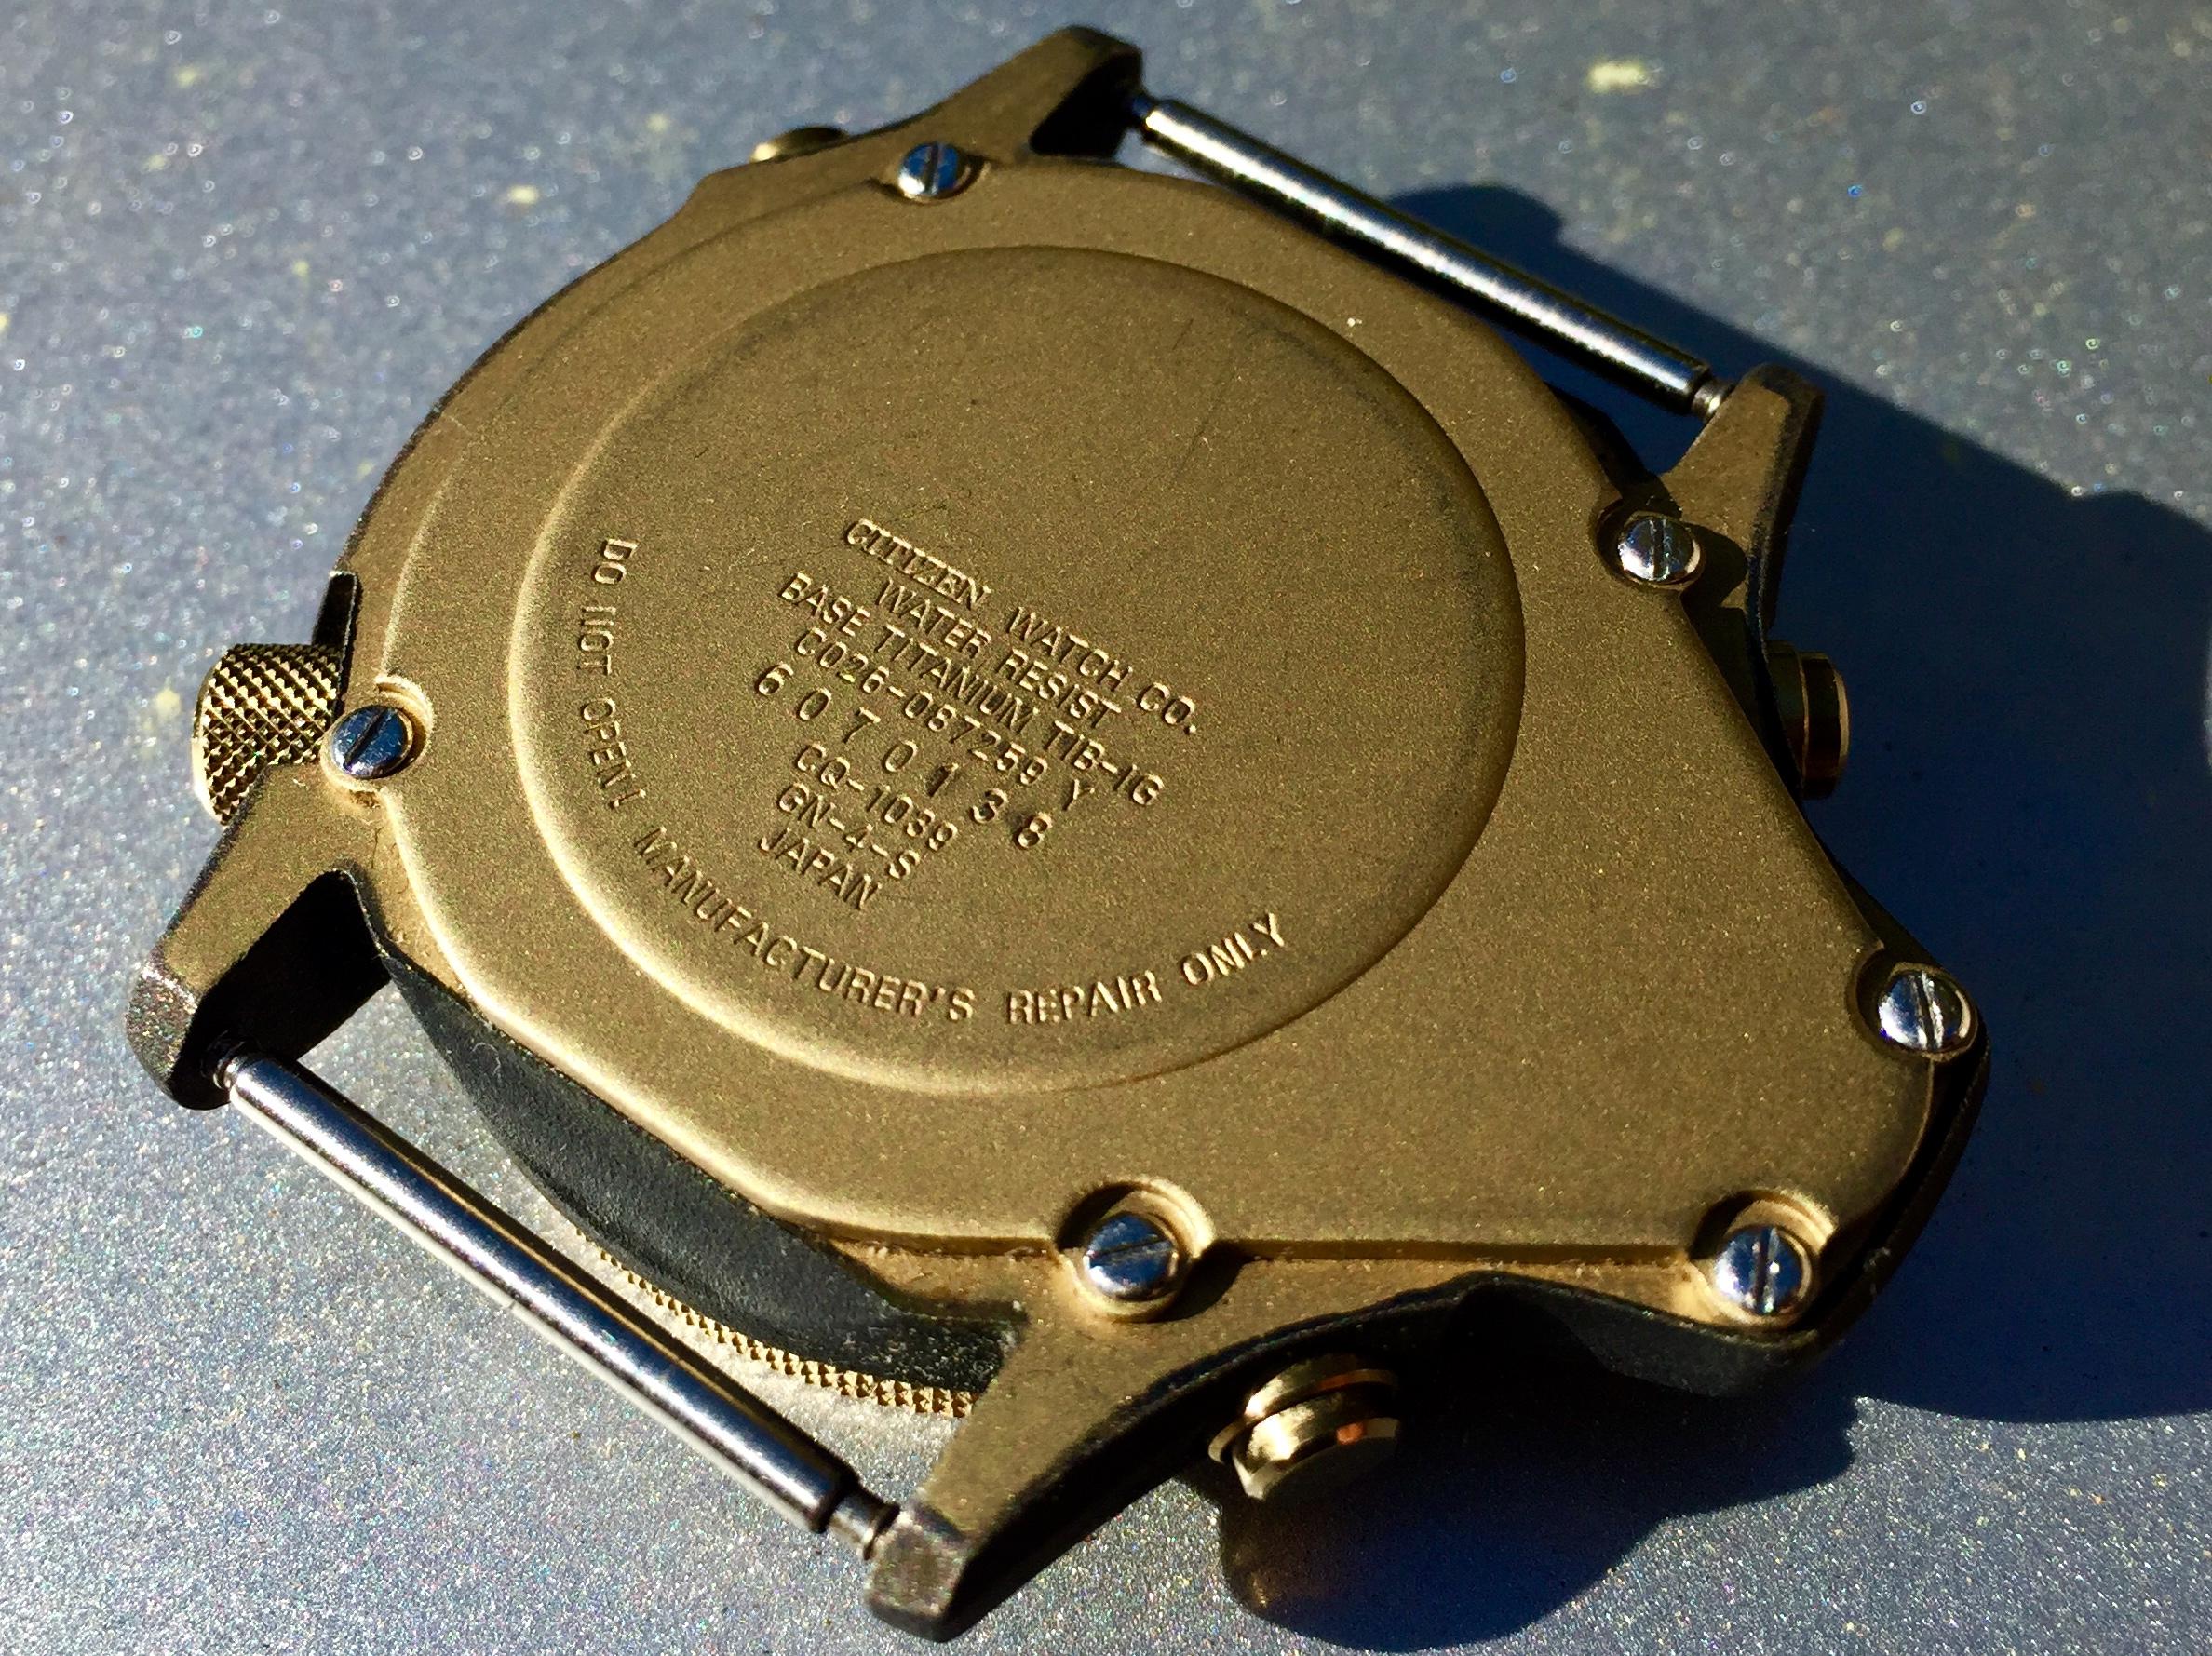 A98E3B4C-F18C-44F9-BC50-E975913856D3.